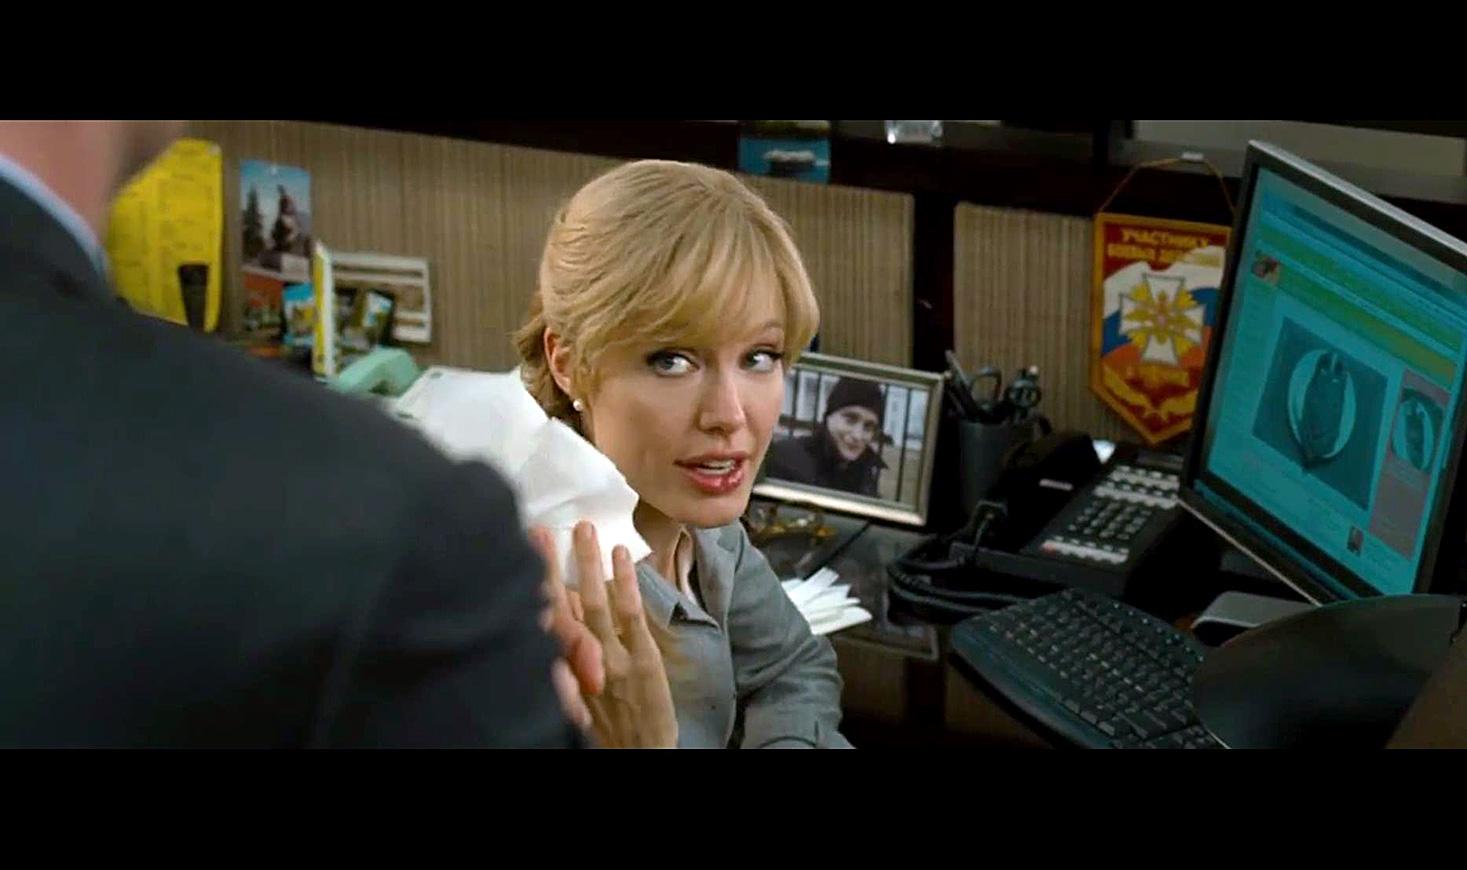 Salt. Sumber: Cuplikan layar dari film